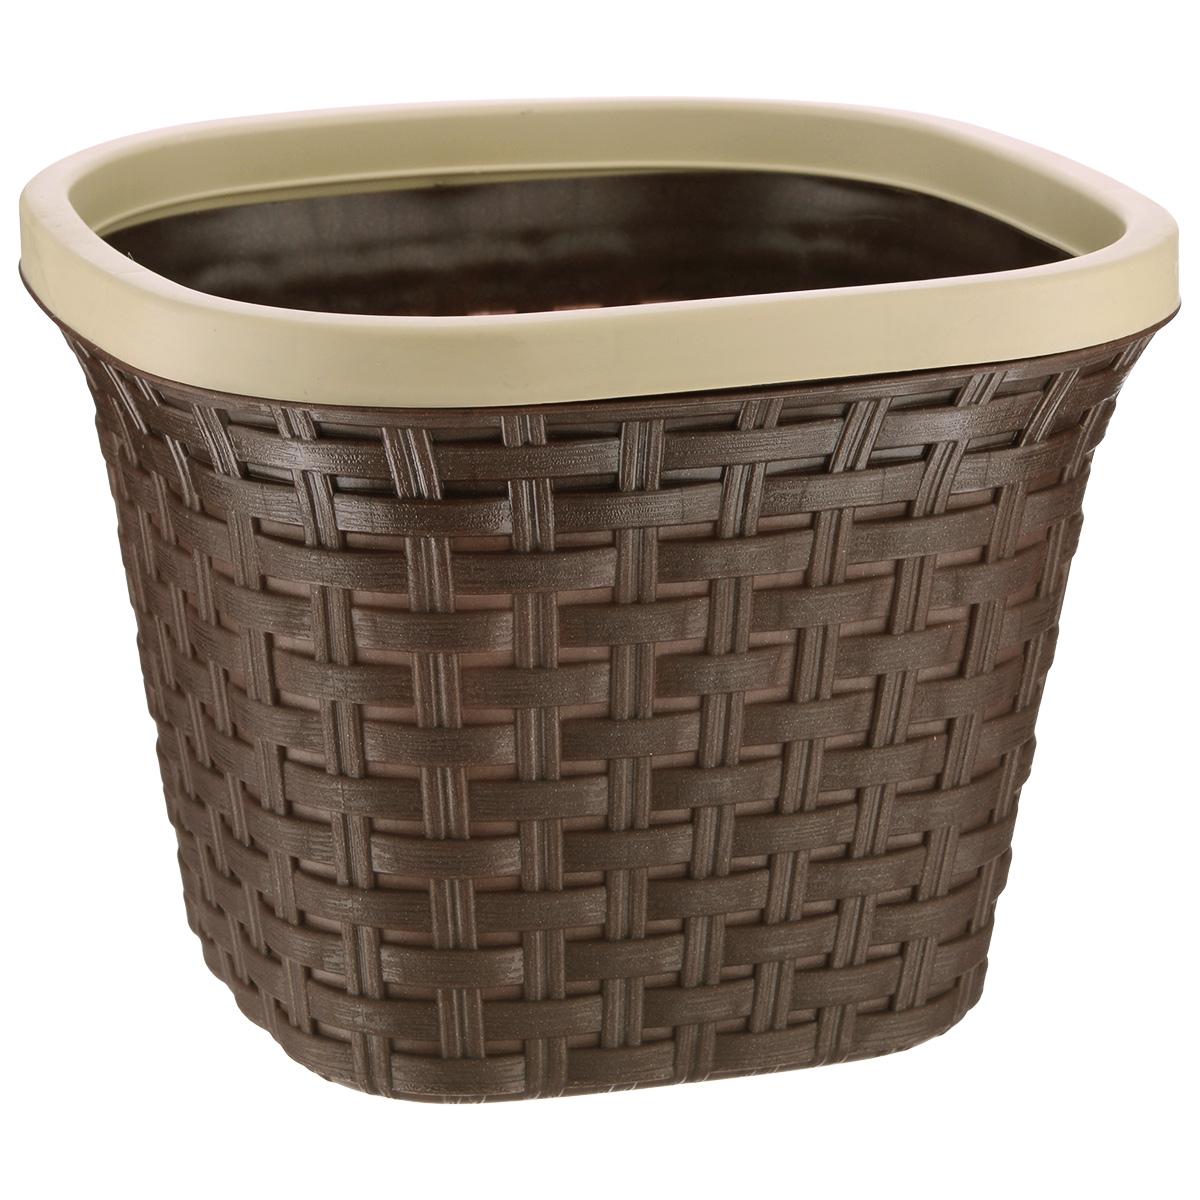 Кашпо Violet Ротанг, с дренажной системой, цвет: коричневый, 2,6 л33260/1Любой, даже самый современный и продуманный интерьер будет незавершённым без растений. Они не только очищают воздух и насыщают его кислородом, но и украшают окружающее пространство. Такому полезному члену семьи просто необходим красивый и функциональный дом! Мы предлагаем #name#! Оптимальный выбор материала — пластмасса! Почему мы так считаем?Малый вес. С лёгкостью переносите горшки и кашпо с места на место, ставьте их на столики или полки, не беспокоясь о нагрузке. Простота ухода. Кашпо не нуждается в специальных условиях хранения. Его легко чистить — достаточно просто сполоснуть тёплой водой. Никаких потёртостей. Такие кашпо не царапают и не загрязняют поверхности, на которых стоят. Пластик дольше хранит влагу, а значит, растение реже нуждается в поливе. Пластмасса не пропускает воздух — корневой системе растения не грозят резкие перепады температур. Огромный выбор форм, декора и расцветок — вы без труда найдёте что-то, что идеально впишется в уже существующий интерьер. Соблюдая нехитрые правила ухода, вы можете заметно продлить срок службы горшков и кашпо из пластика:всегда учитывайте размер кроны и корневой системы (при разрастании большое растение способно повредить маленький горшок)берегите изделие от воздействия прямых солнечных лучей, чтобы горшки не выцветалидержите кашпо из пластика подальше от нагревающихся поверхностей. Создавайте прекрасные цветочные композиции, выращивайте рассаду или необычные растения.